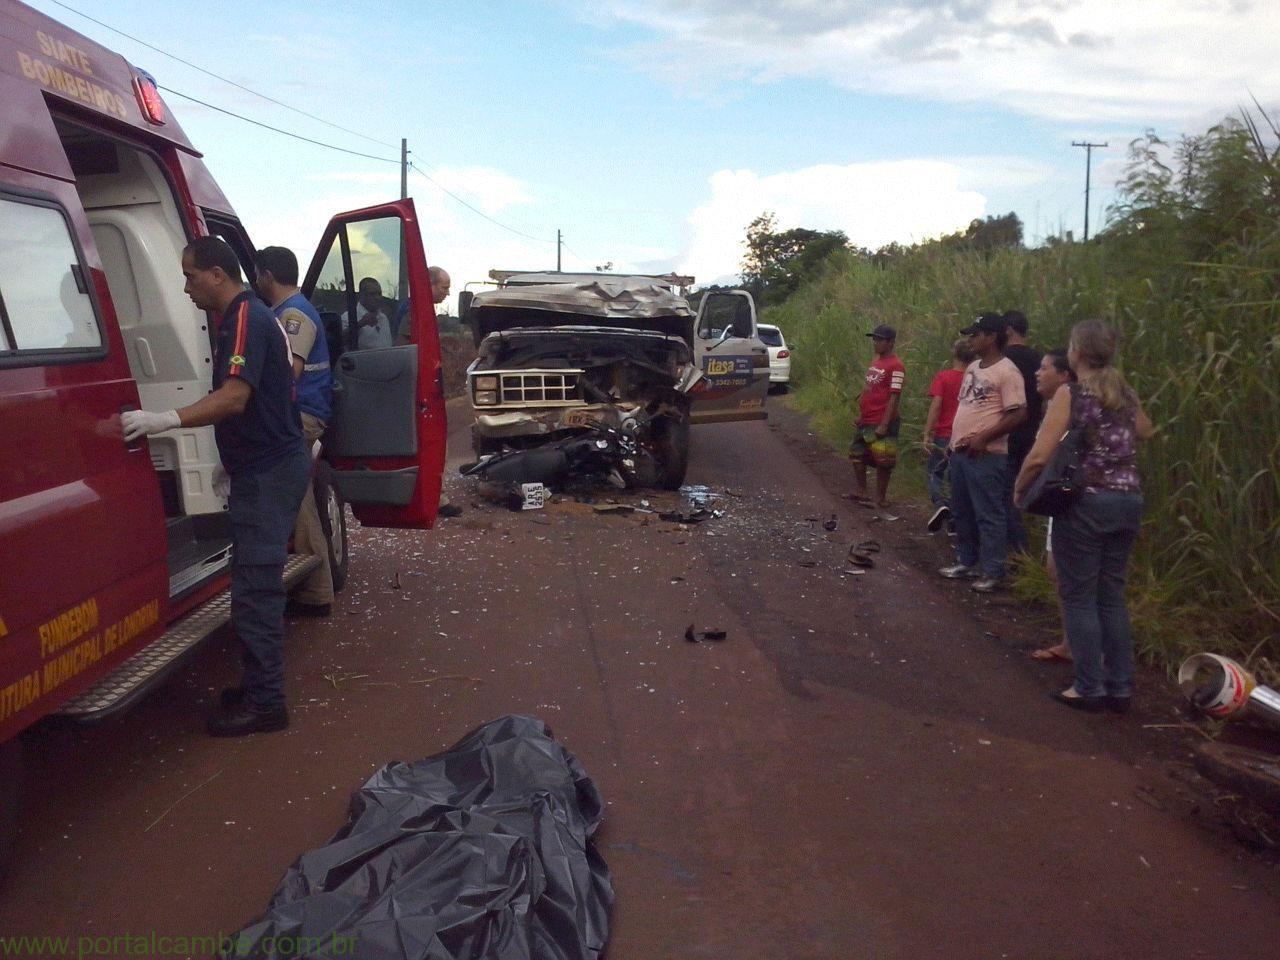 Londrina: de moto, adolescente de 14 anos morre em colisão; outro, de 15, fica em estado grave